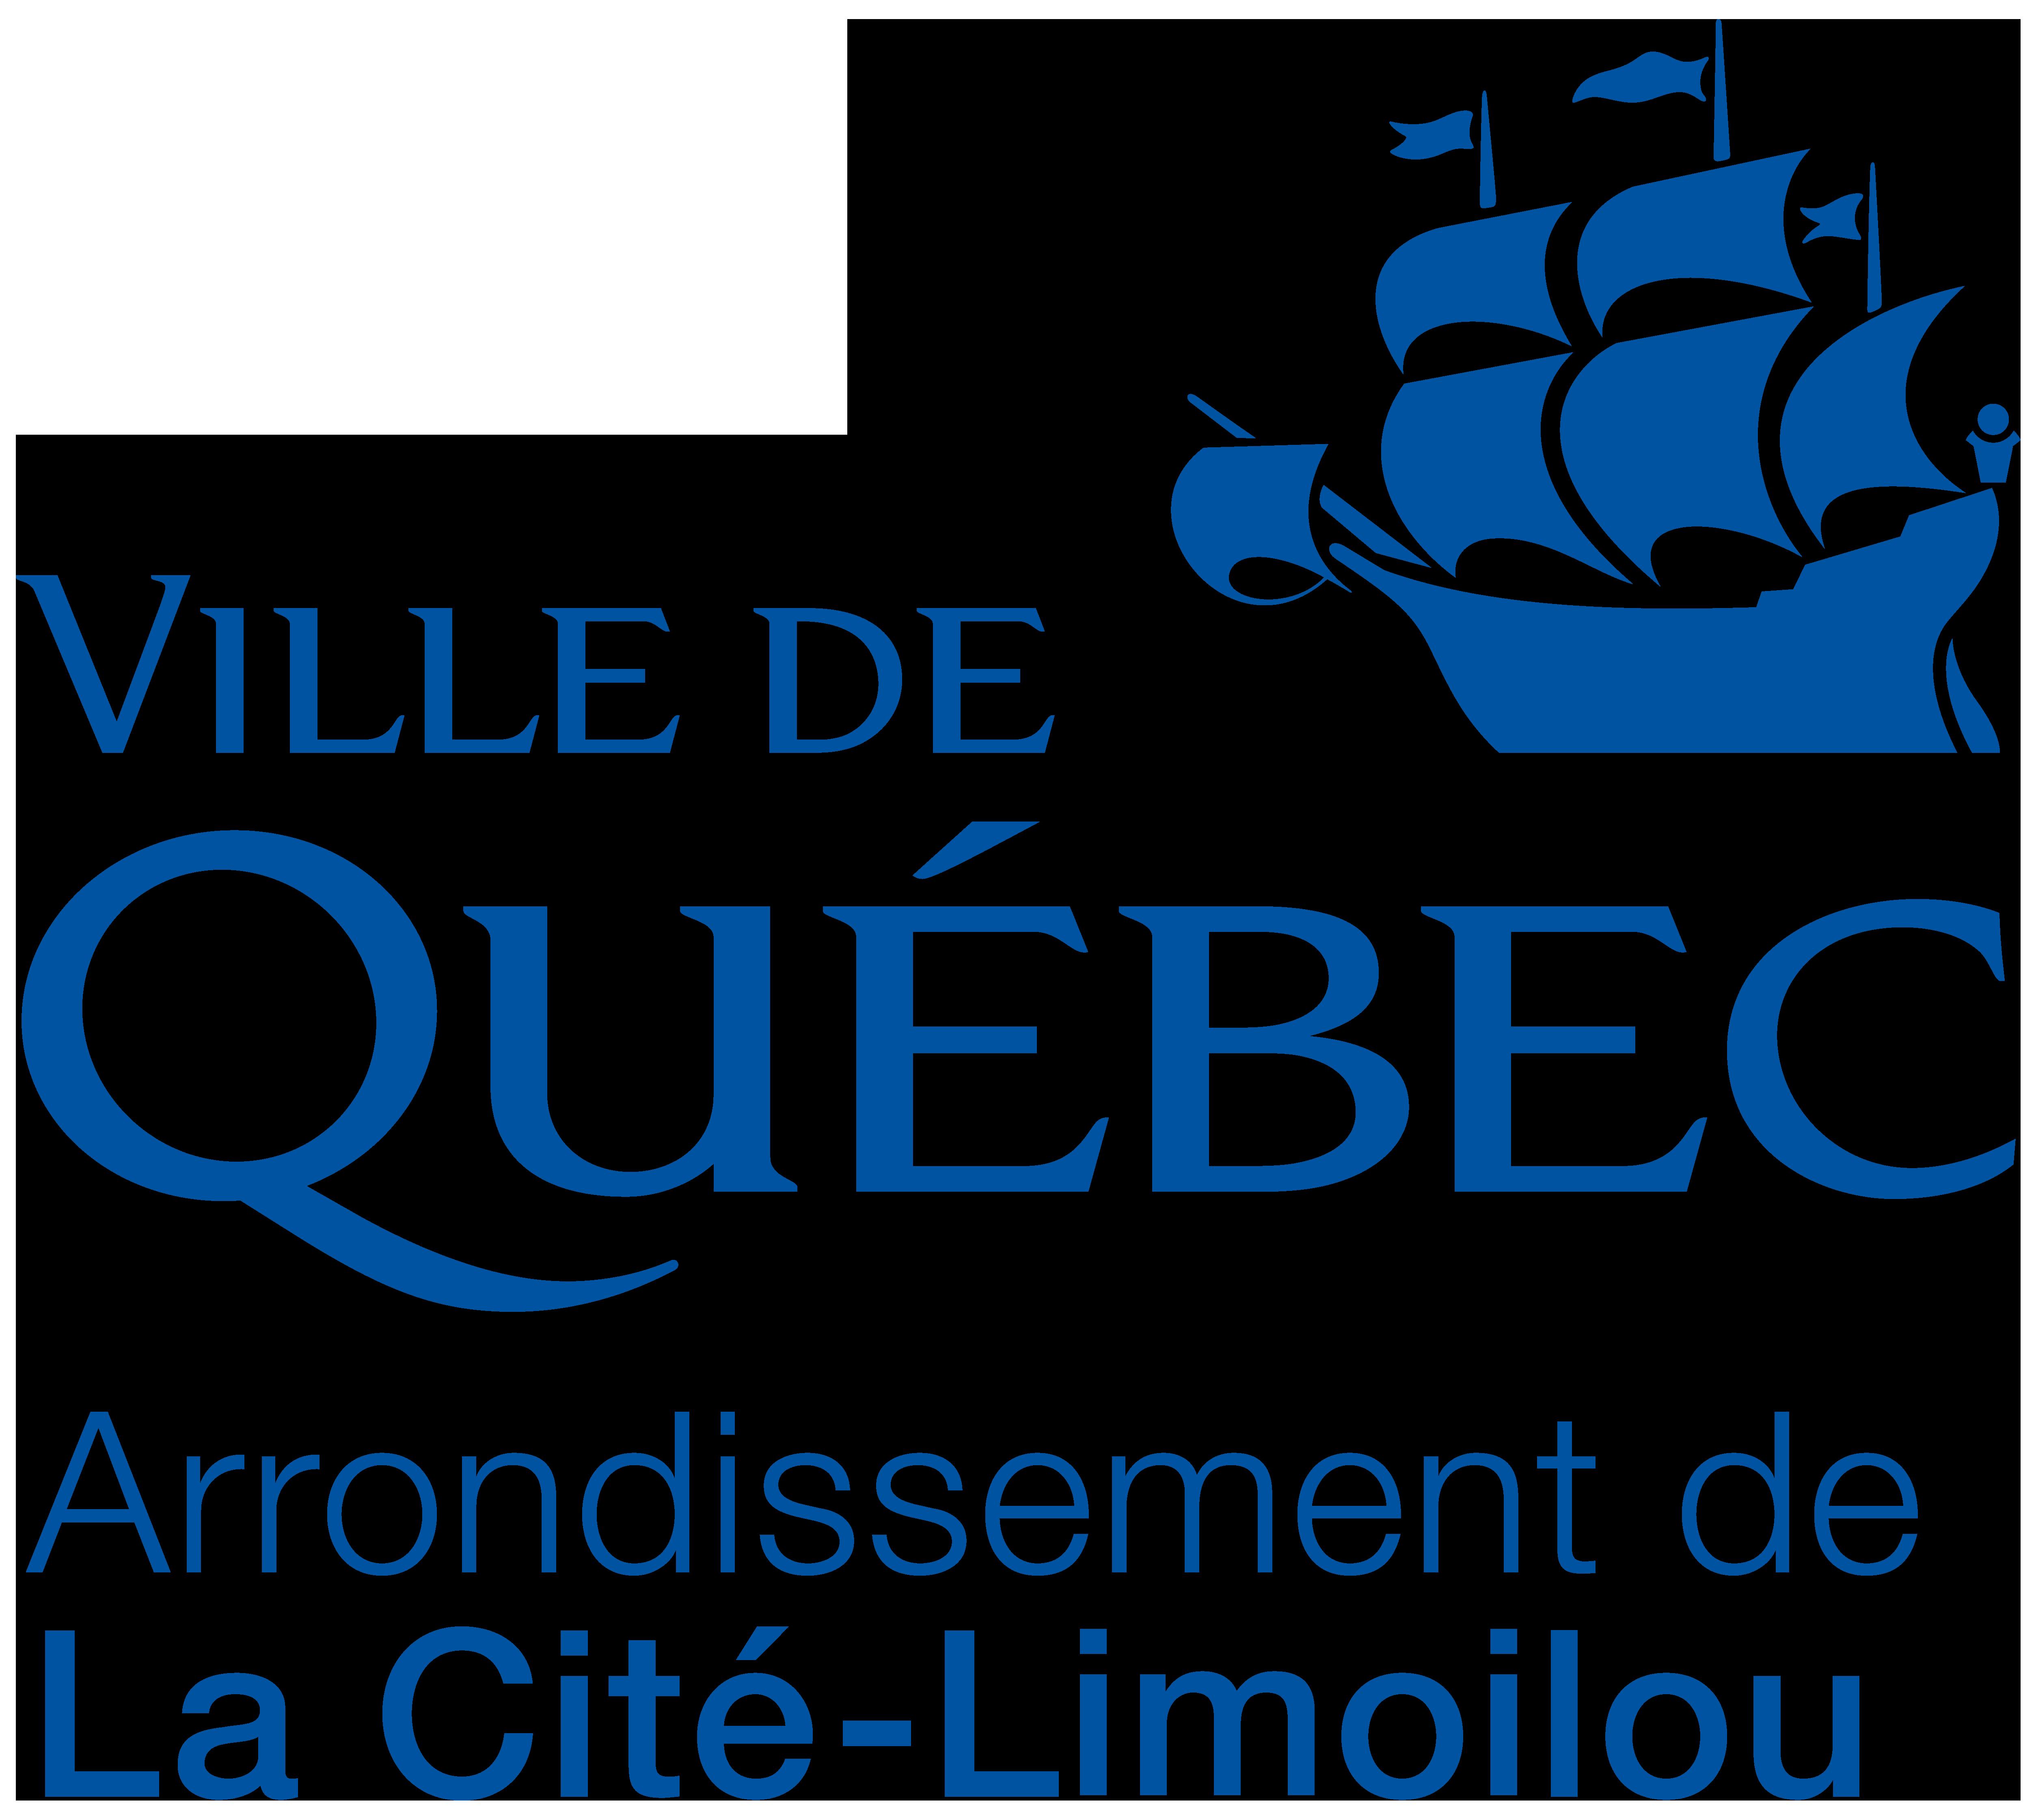 Arrondissement La Cité-Limoilou